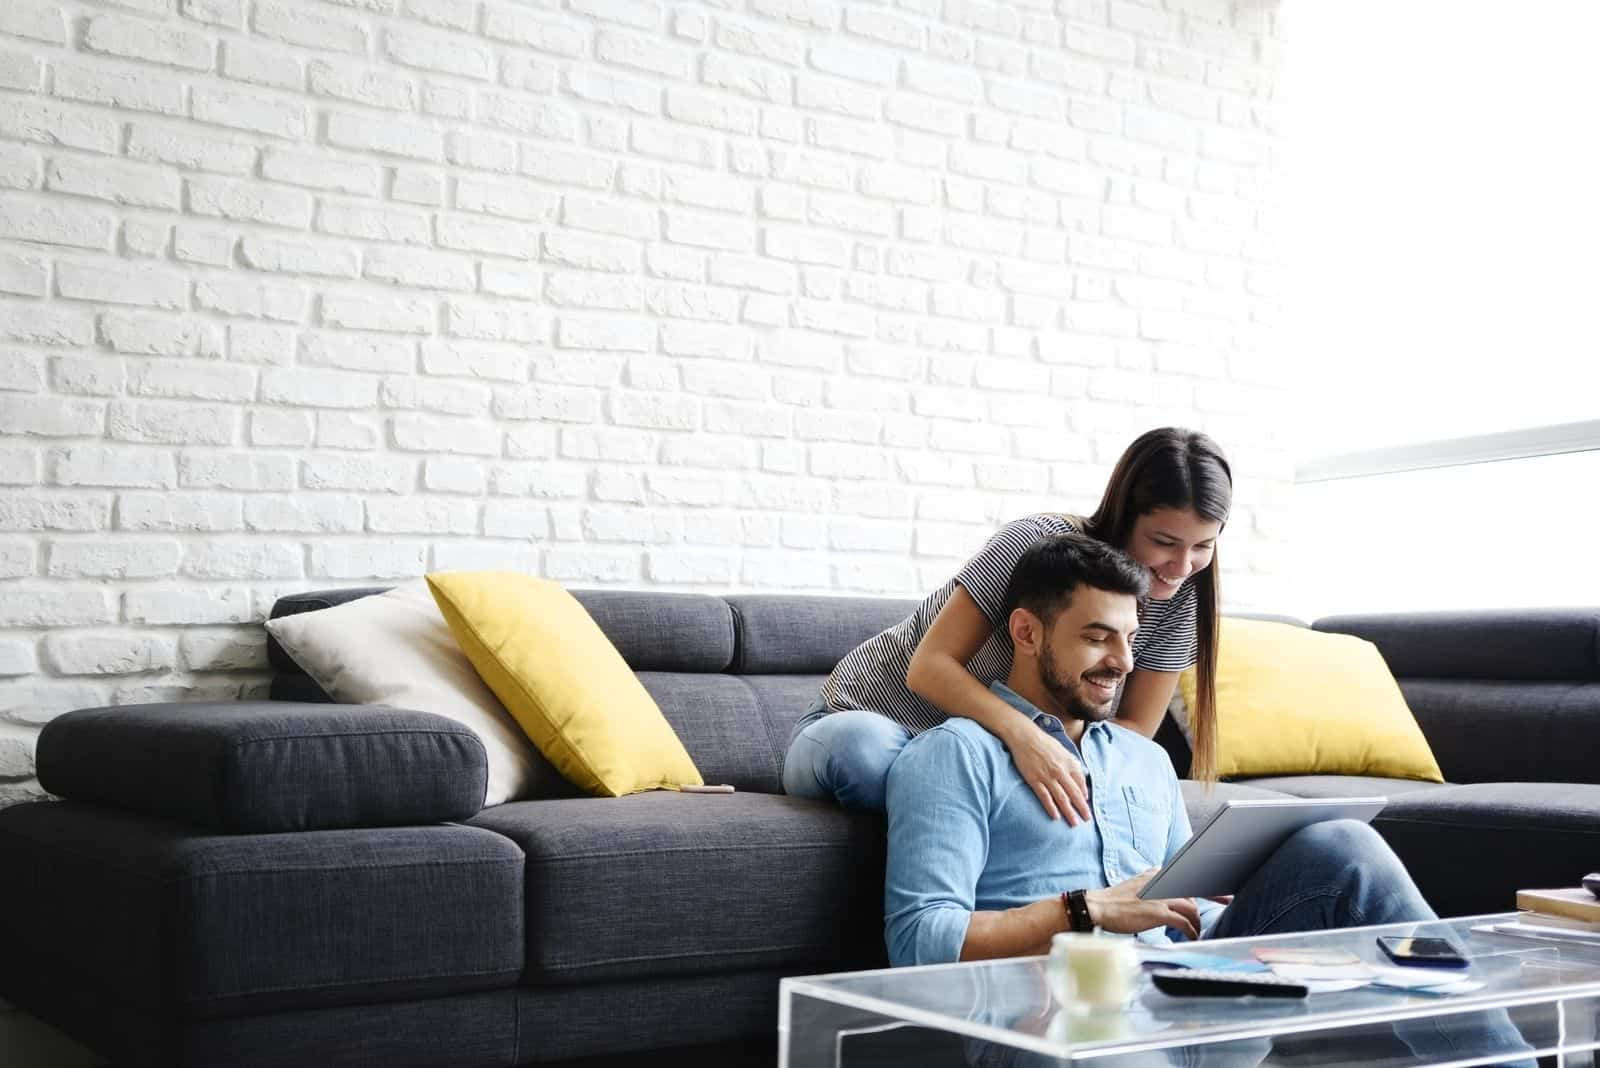 Junges hispanisches Paar zu Hause auf der Couch sitzen und einen Tablet-PC für Internet und Social Media nutzen